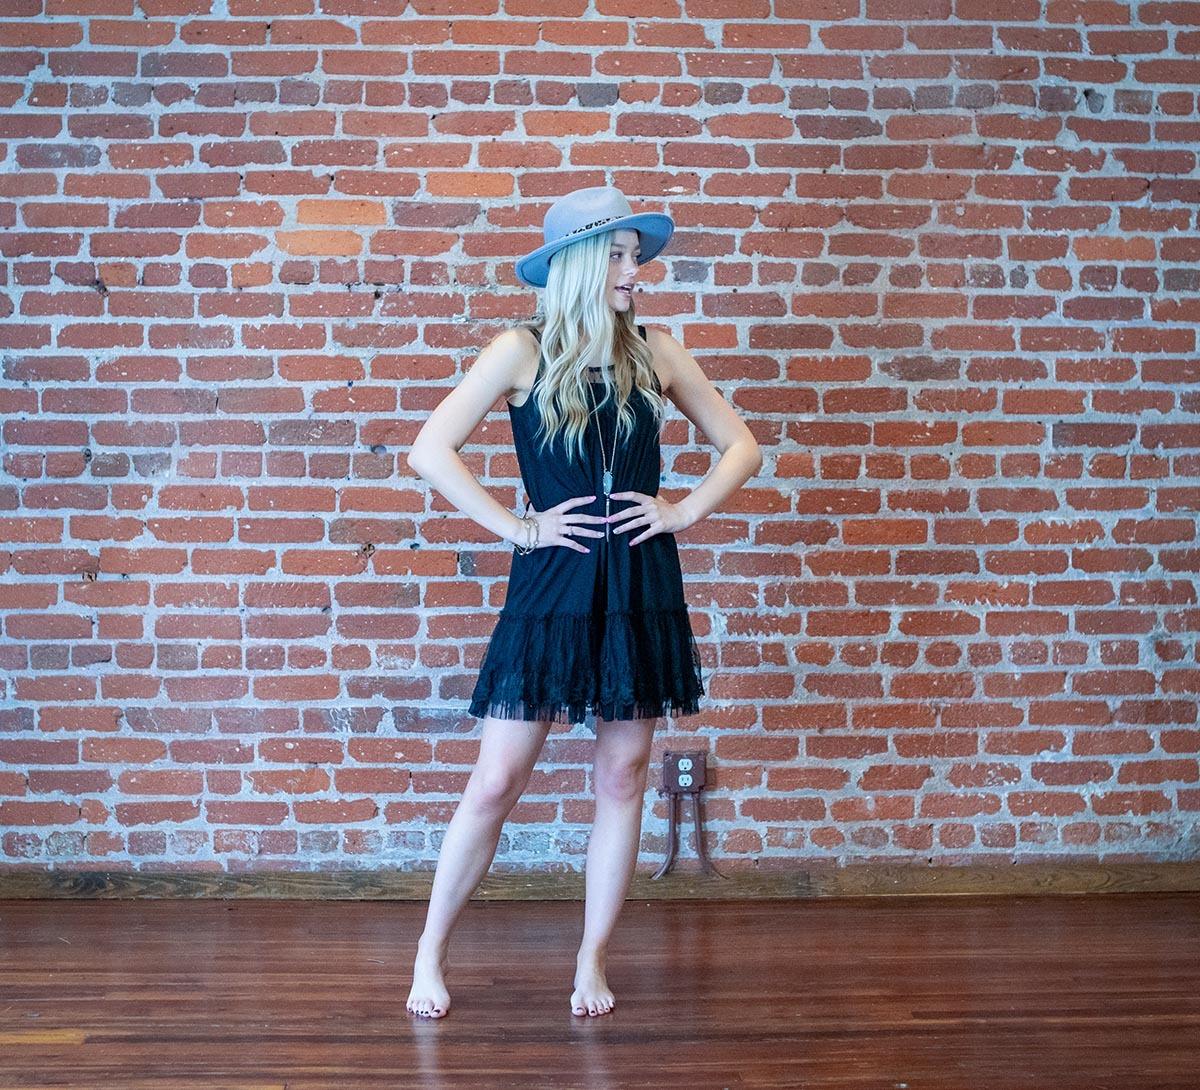 Lauren Cockrell